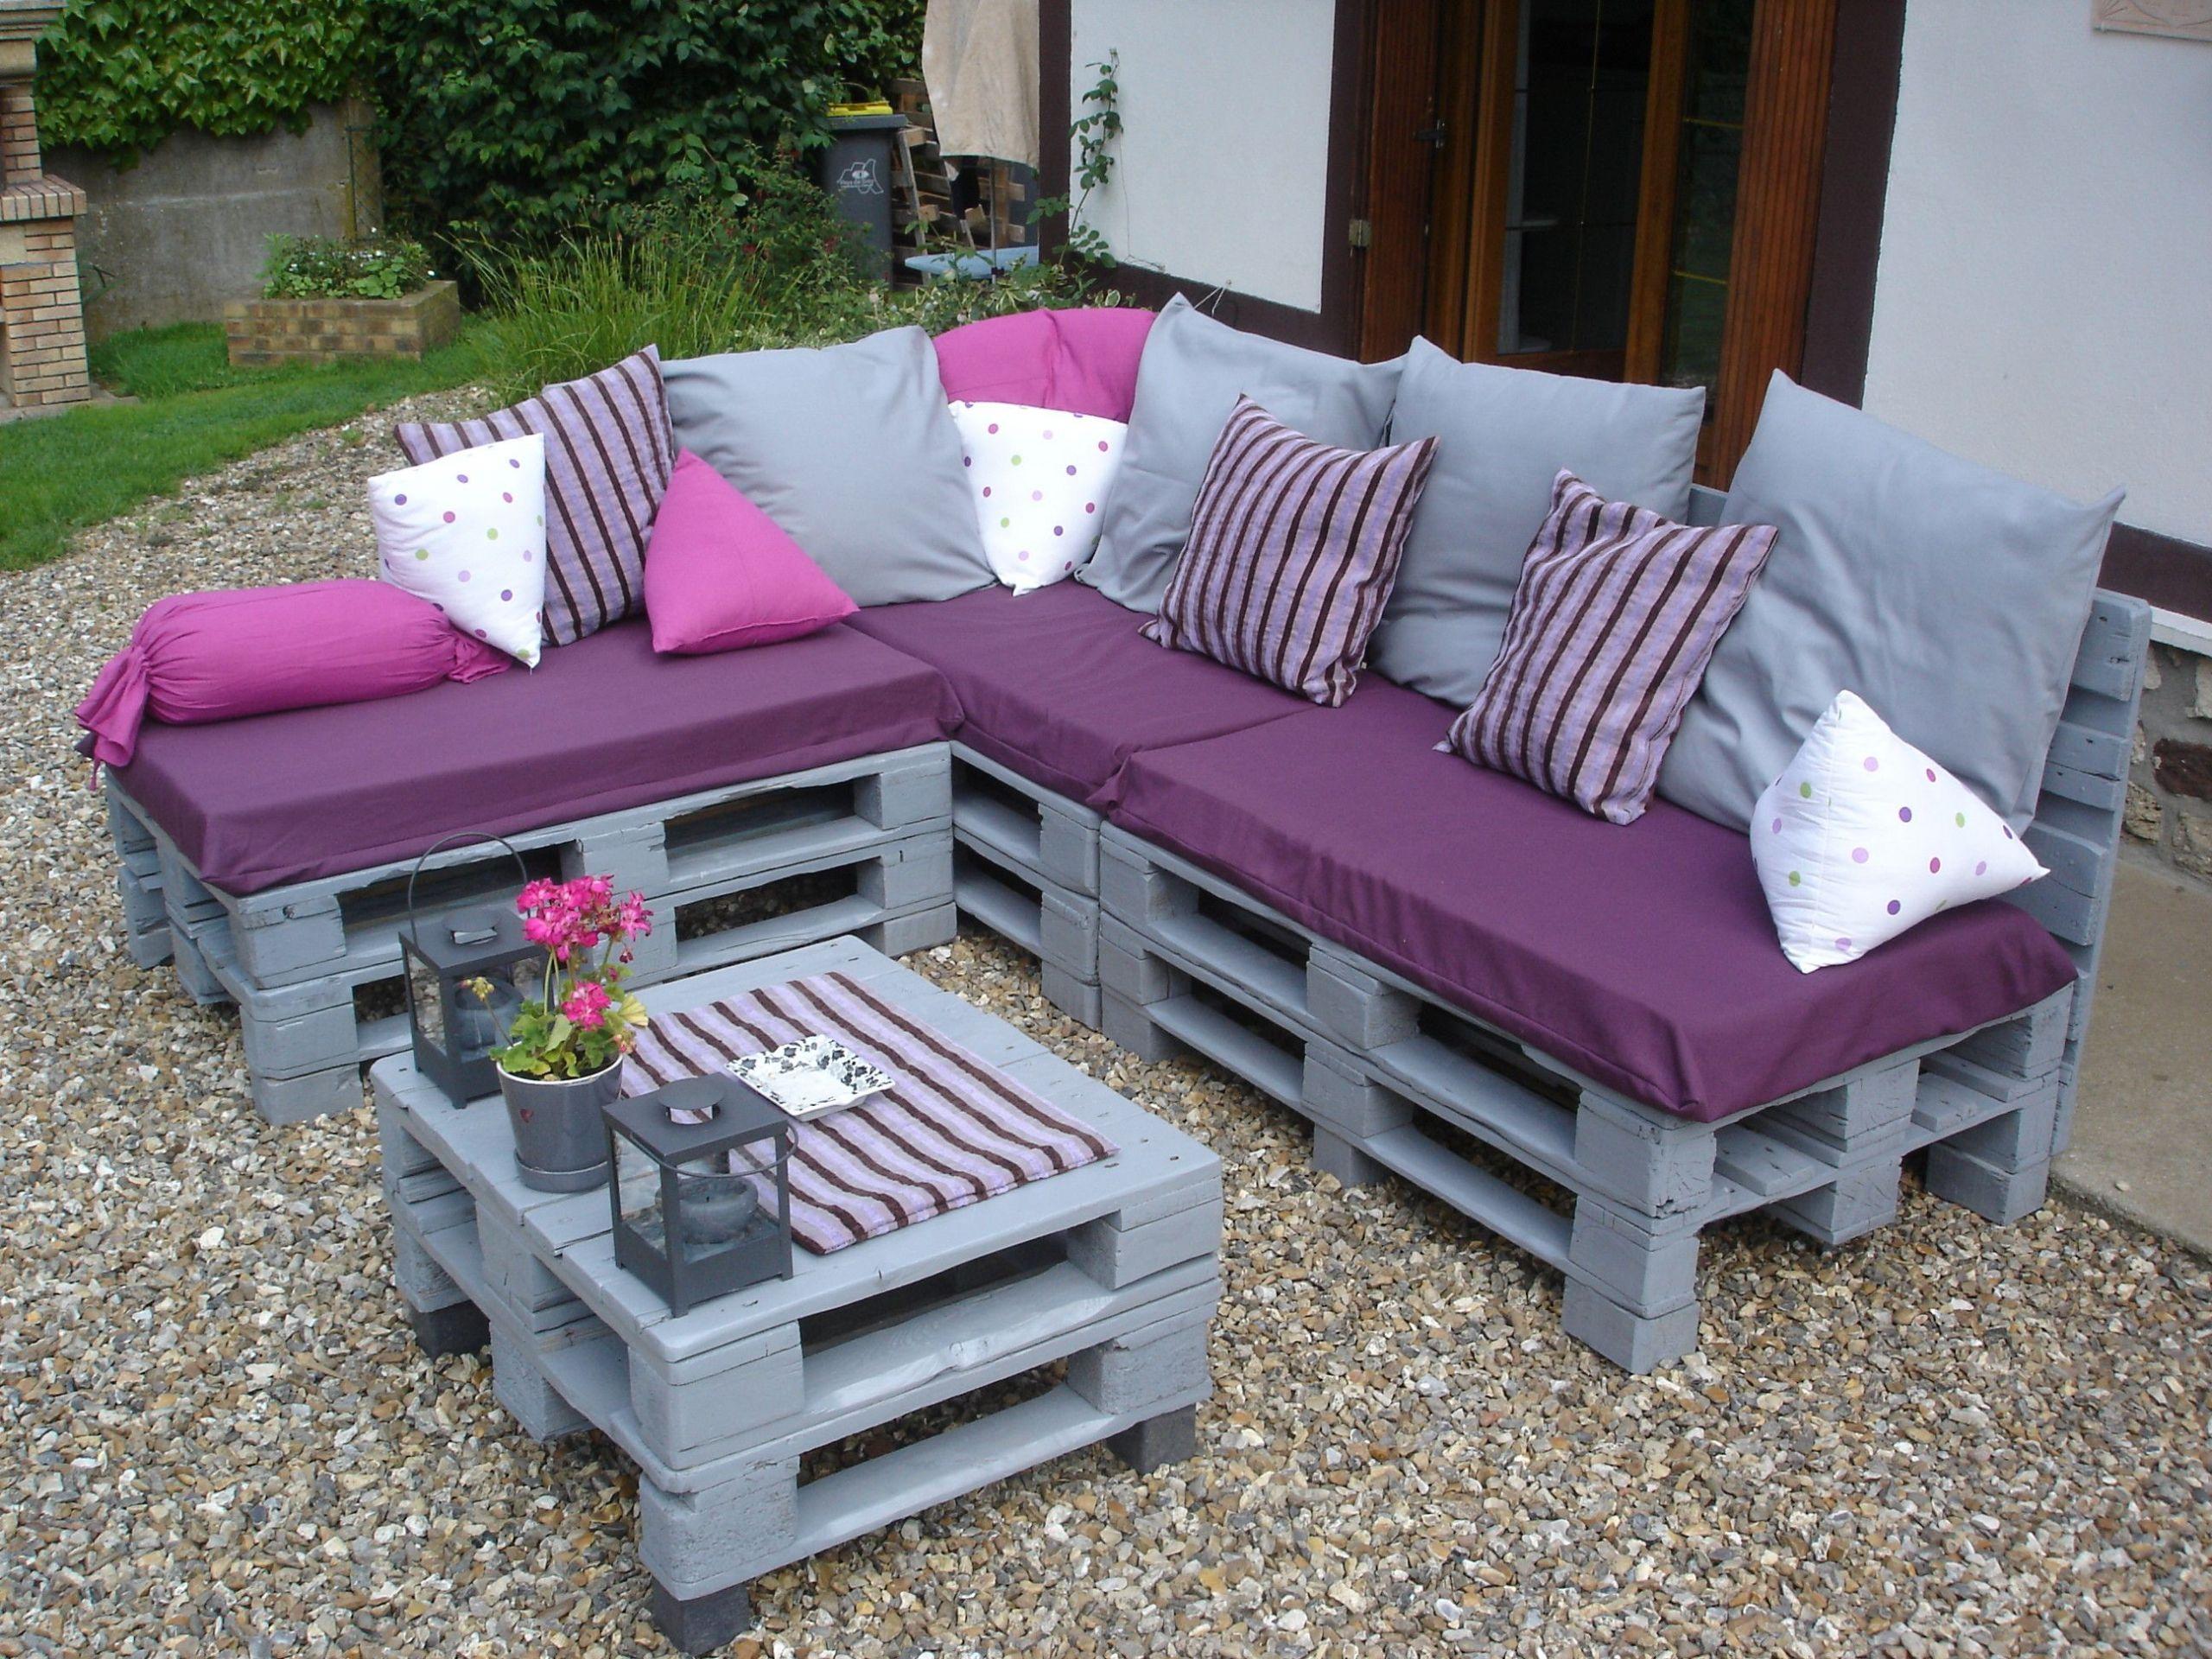 36 Nouveau Mobilier De Jardin En Palette | Salon Jardin avec Meubles De Jardin En Palettes